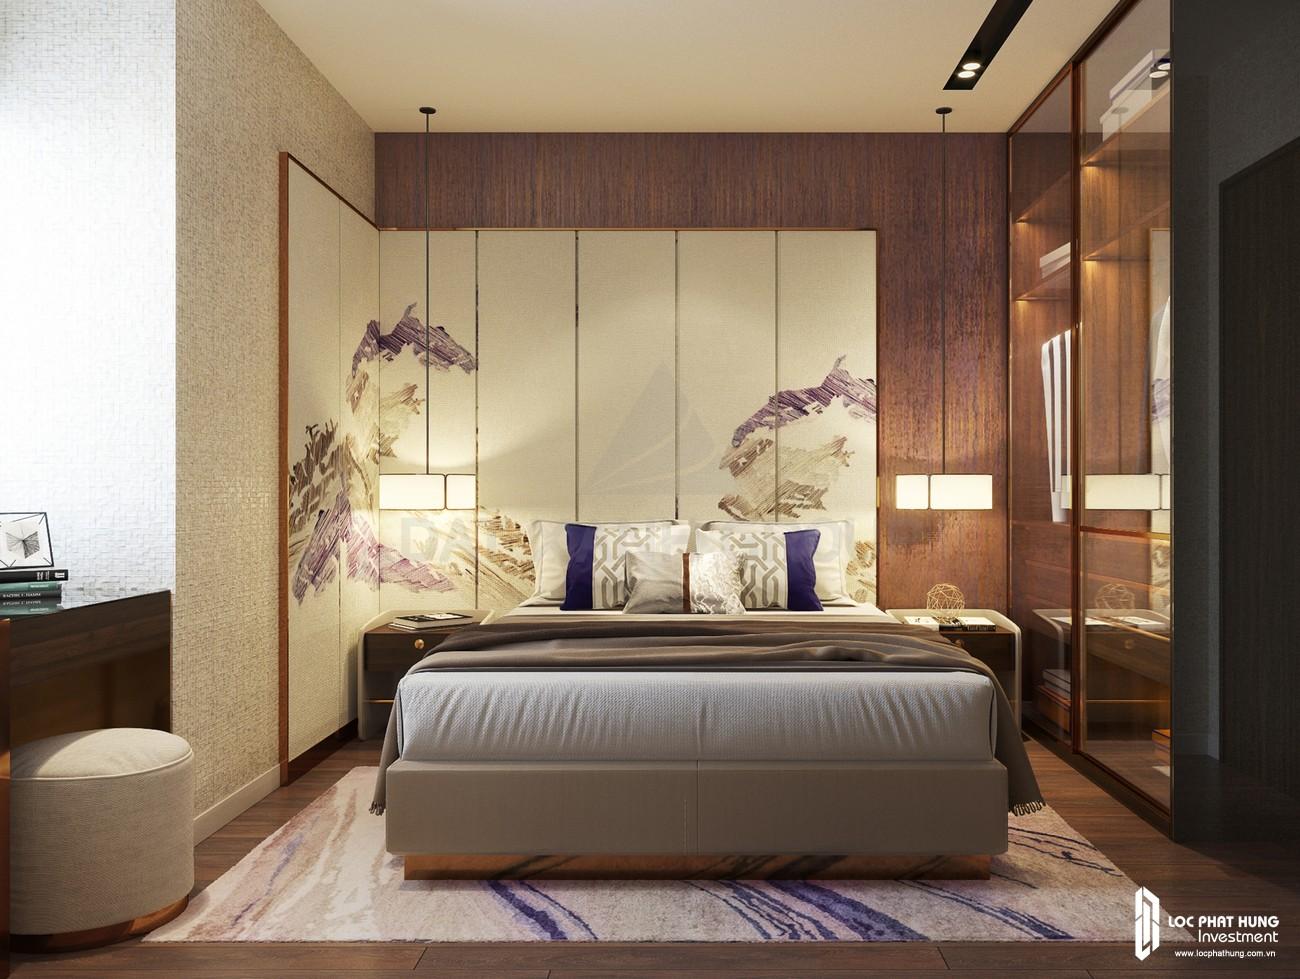 Thiết kế phòng ngủ 3 của nhà mẫu loại 3 phòng ngủ dự án căn hộ chung cư Opal Skyline Thuận An